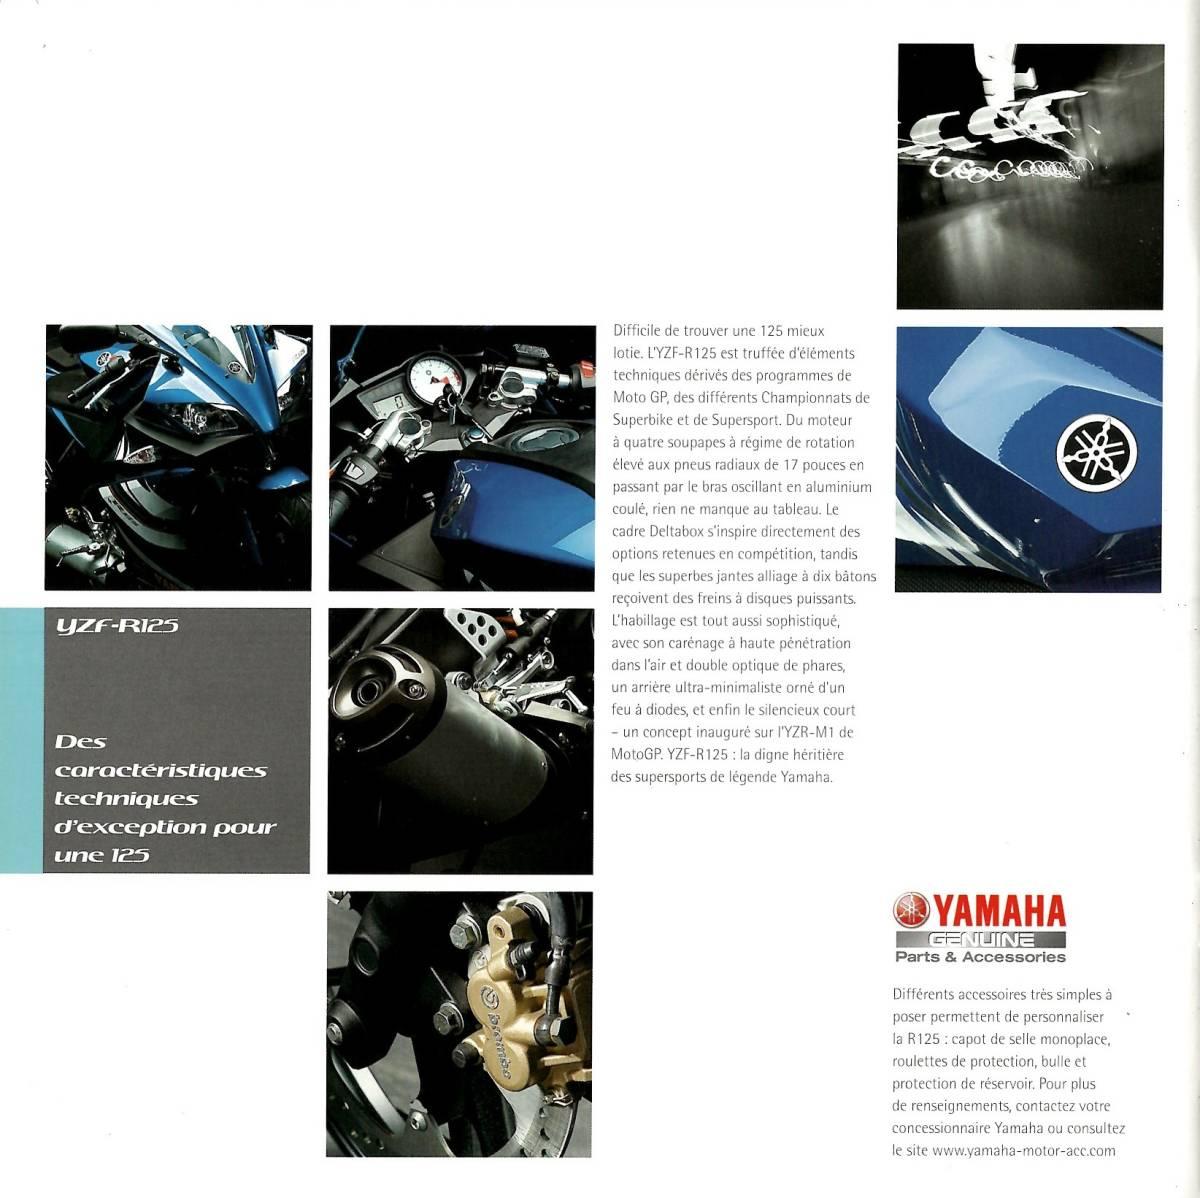 欧州版 ヤマハ 2008年 YZF-R125 カタログ。単品カタログはめったに出ないです。_画像9